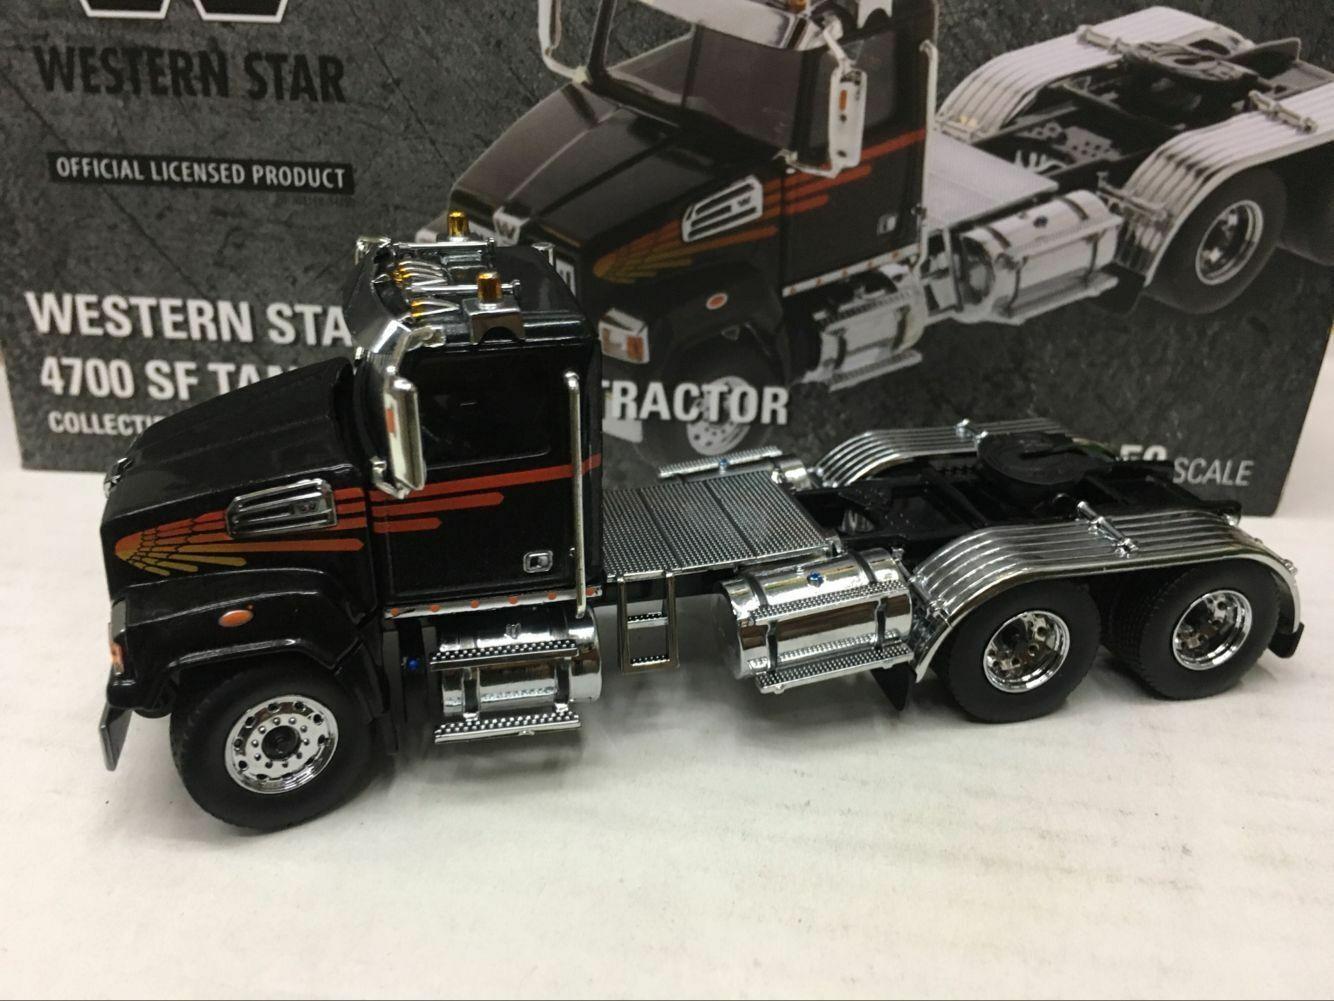 Western Star 4700 ciencia ficción en tándem Camión-Tractor Escala 1 50 Diecast de maestros DM71036